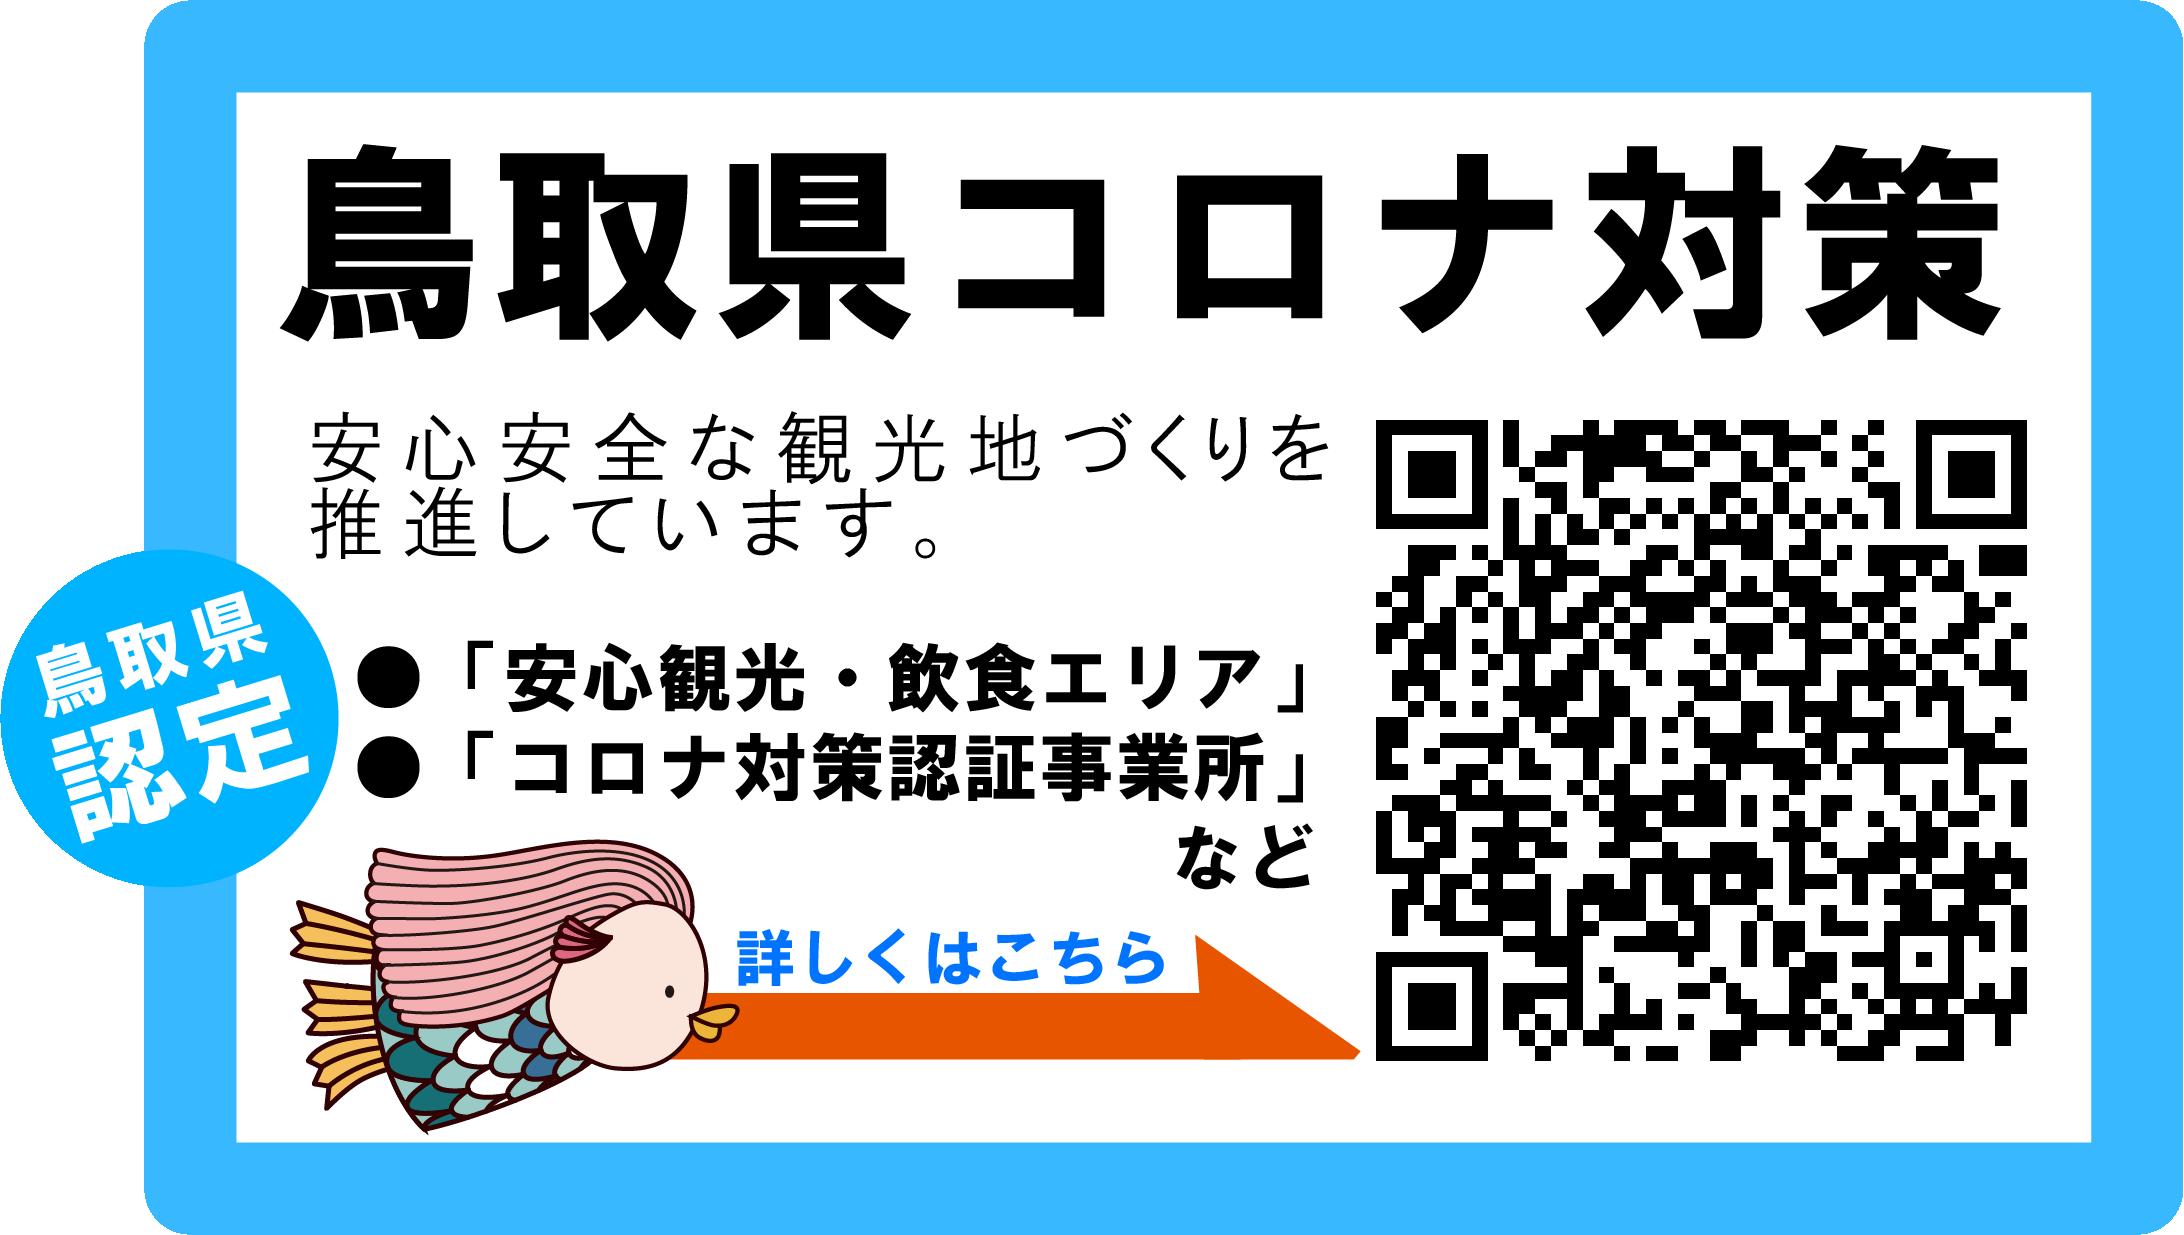 コロナ対策カセット③